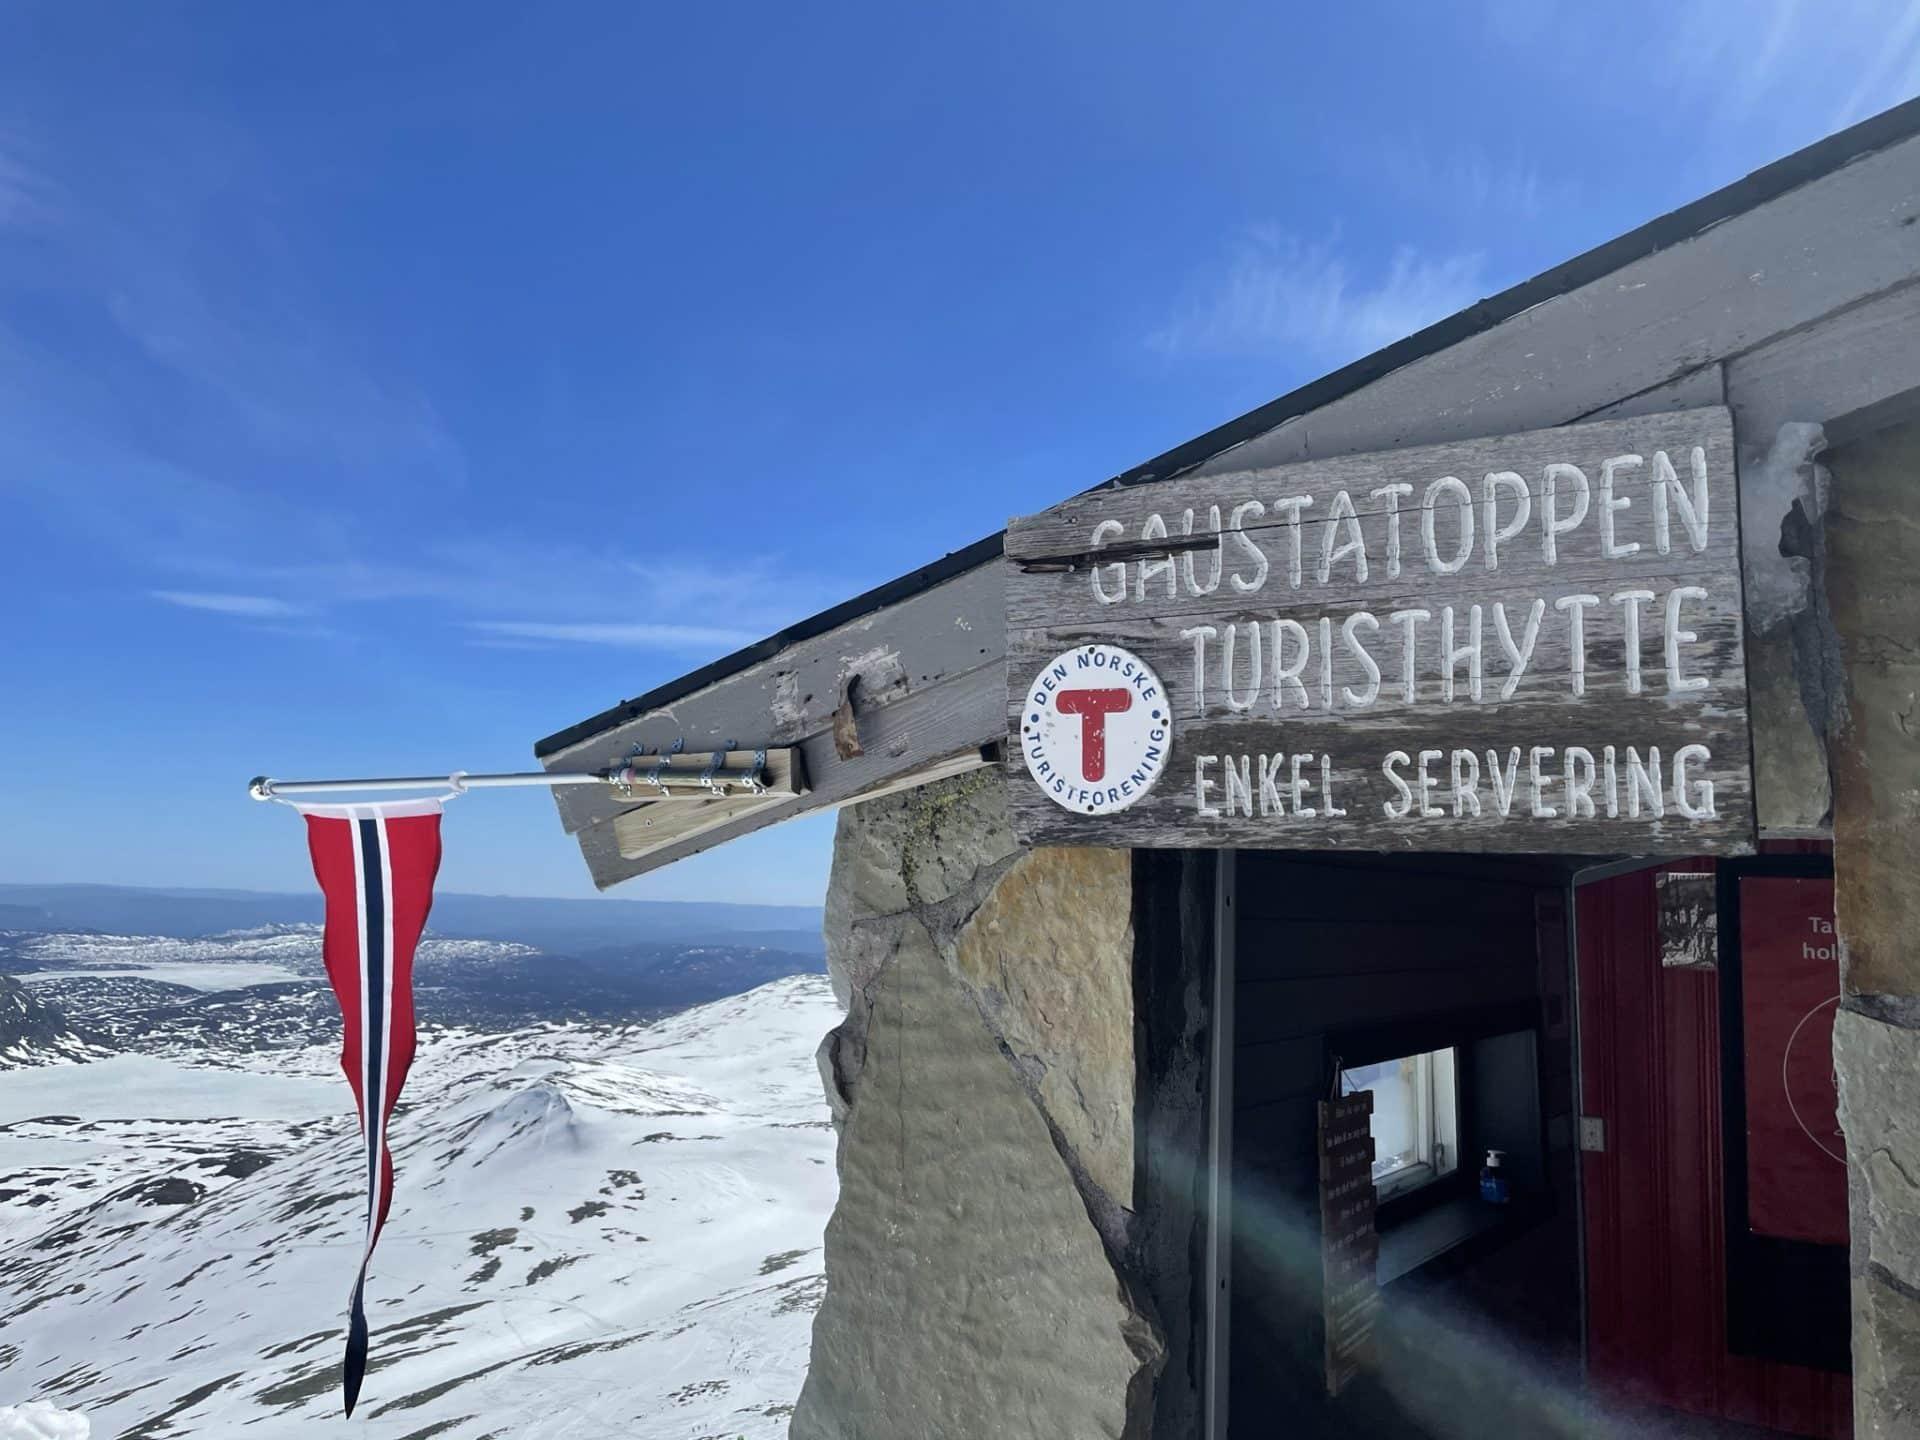 Gaustatoppen Turisthytte, Rjukan